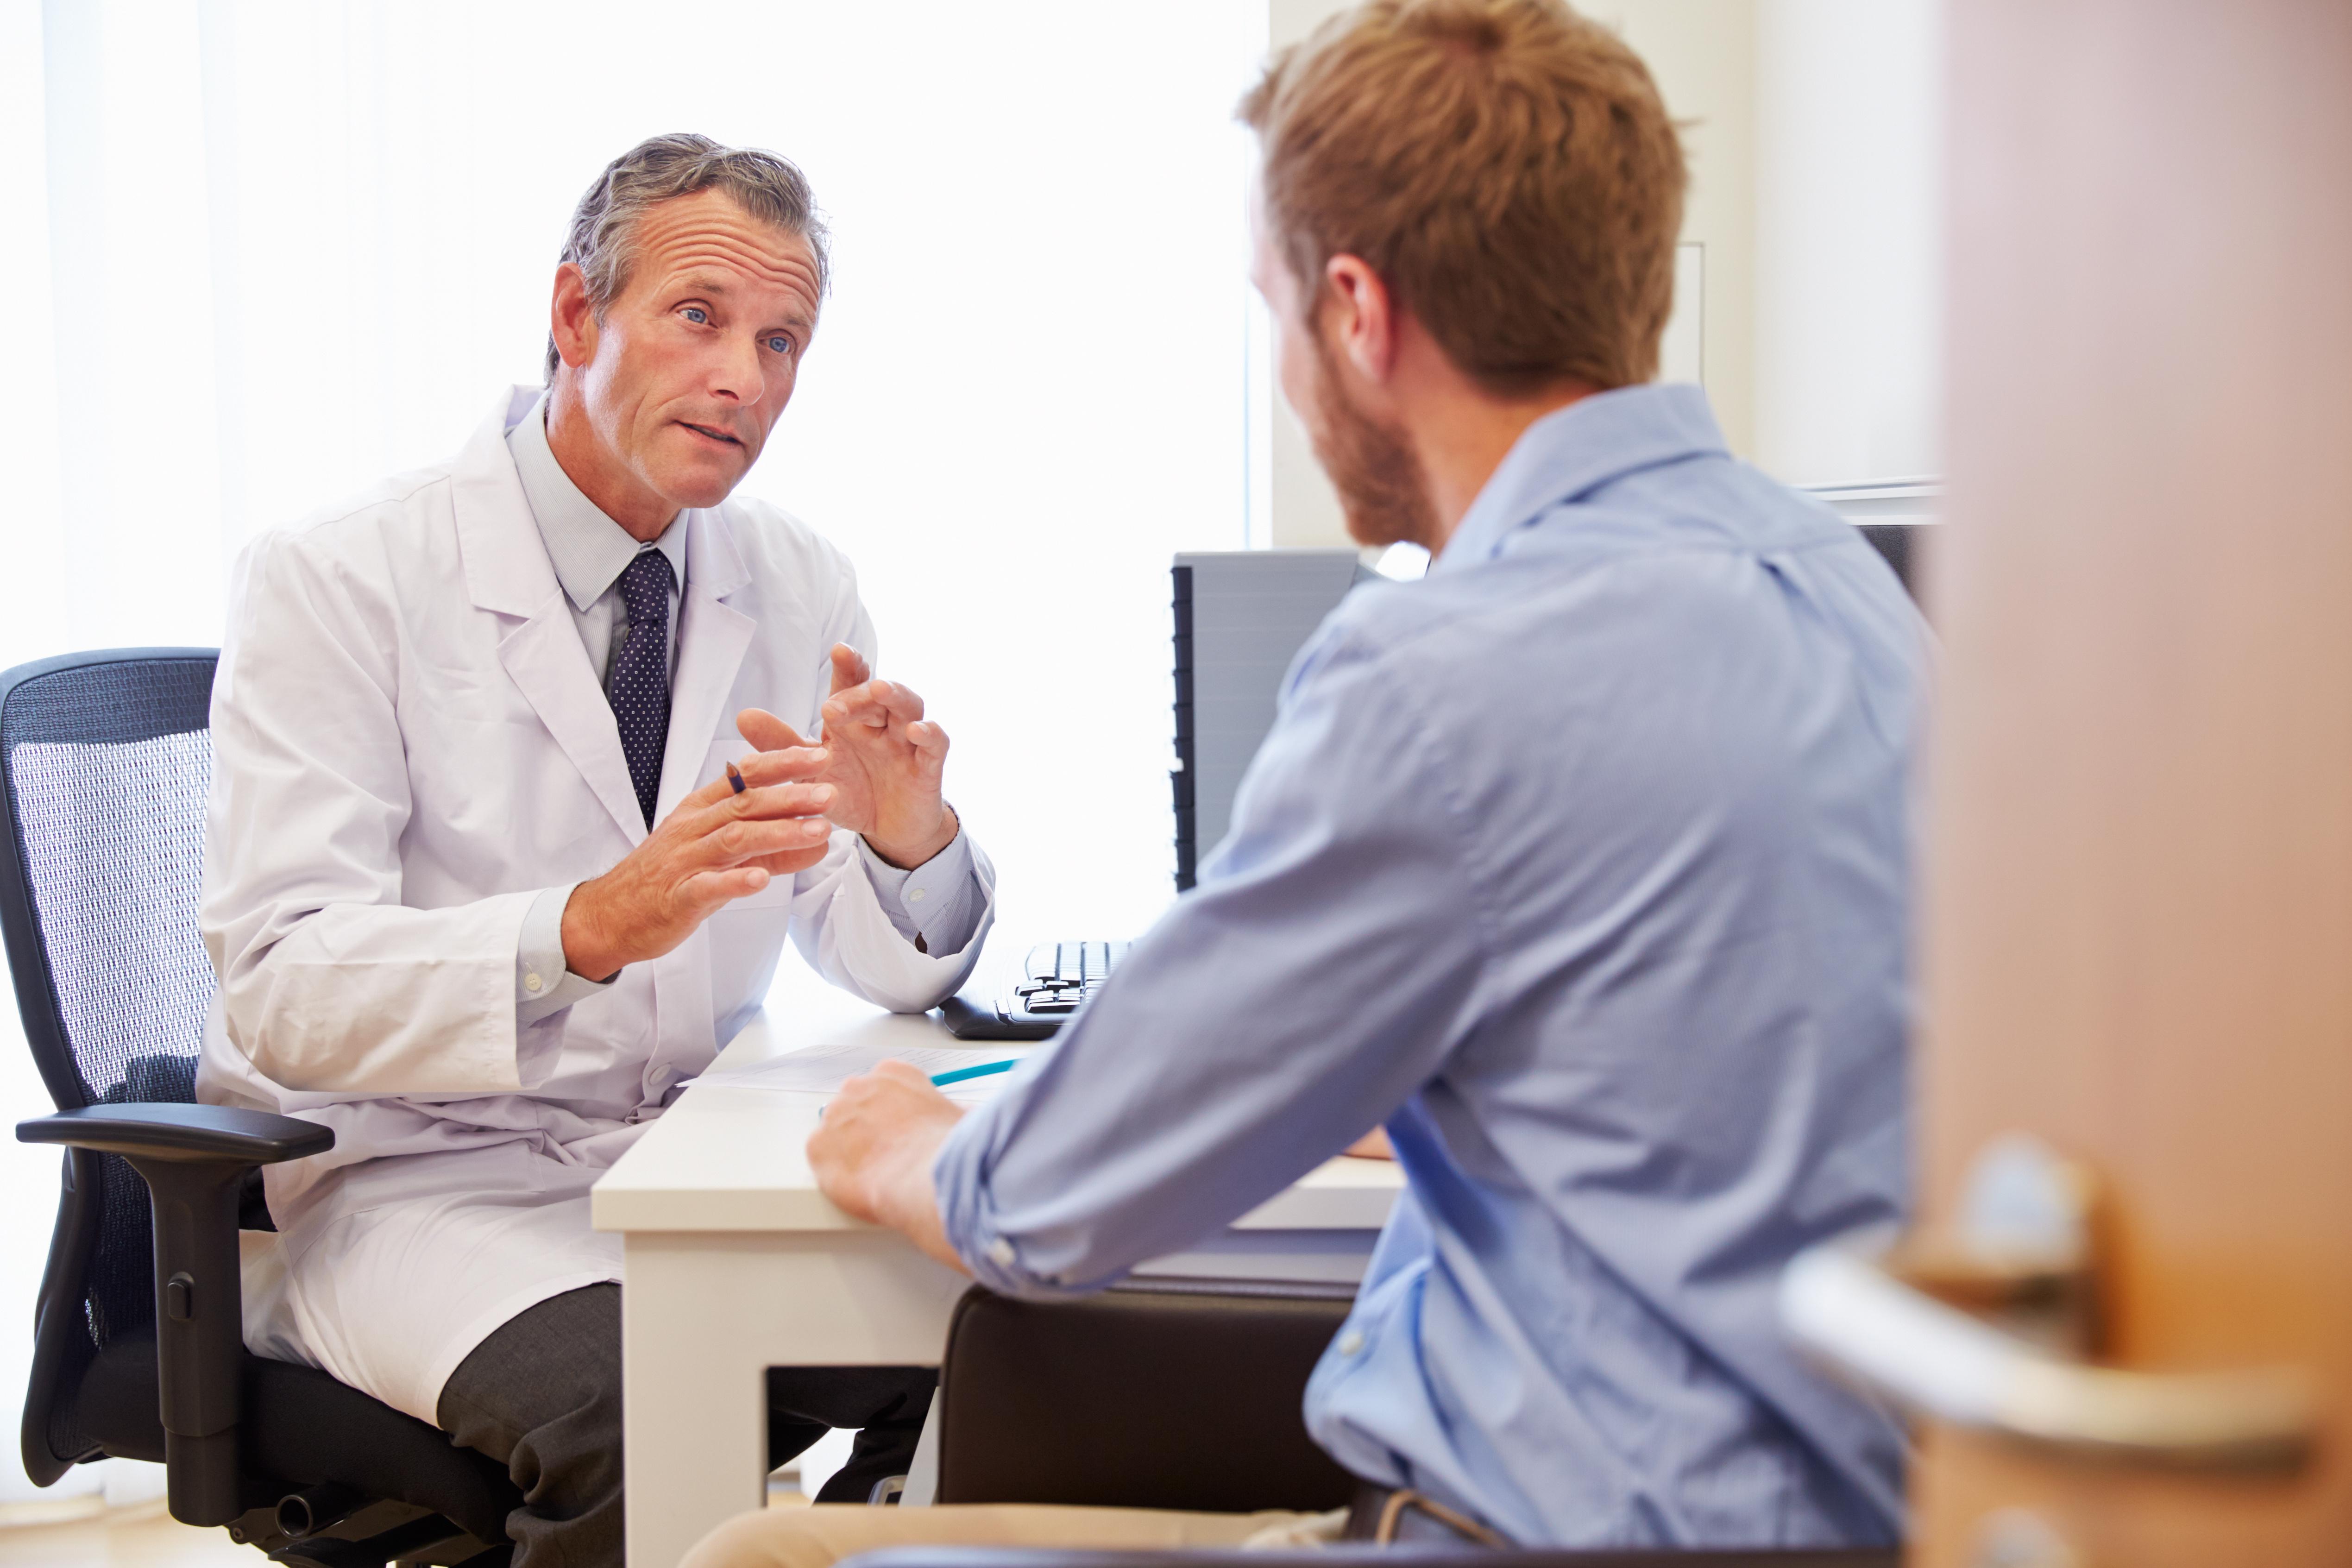 Chory u lekarza /Ilustracja do tekstu: dofinanansowanie in vitro